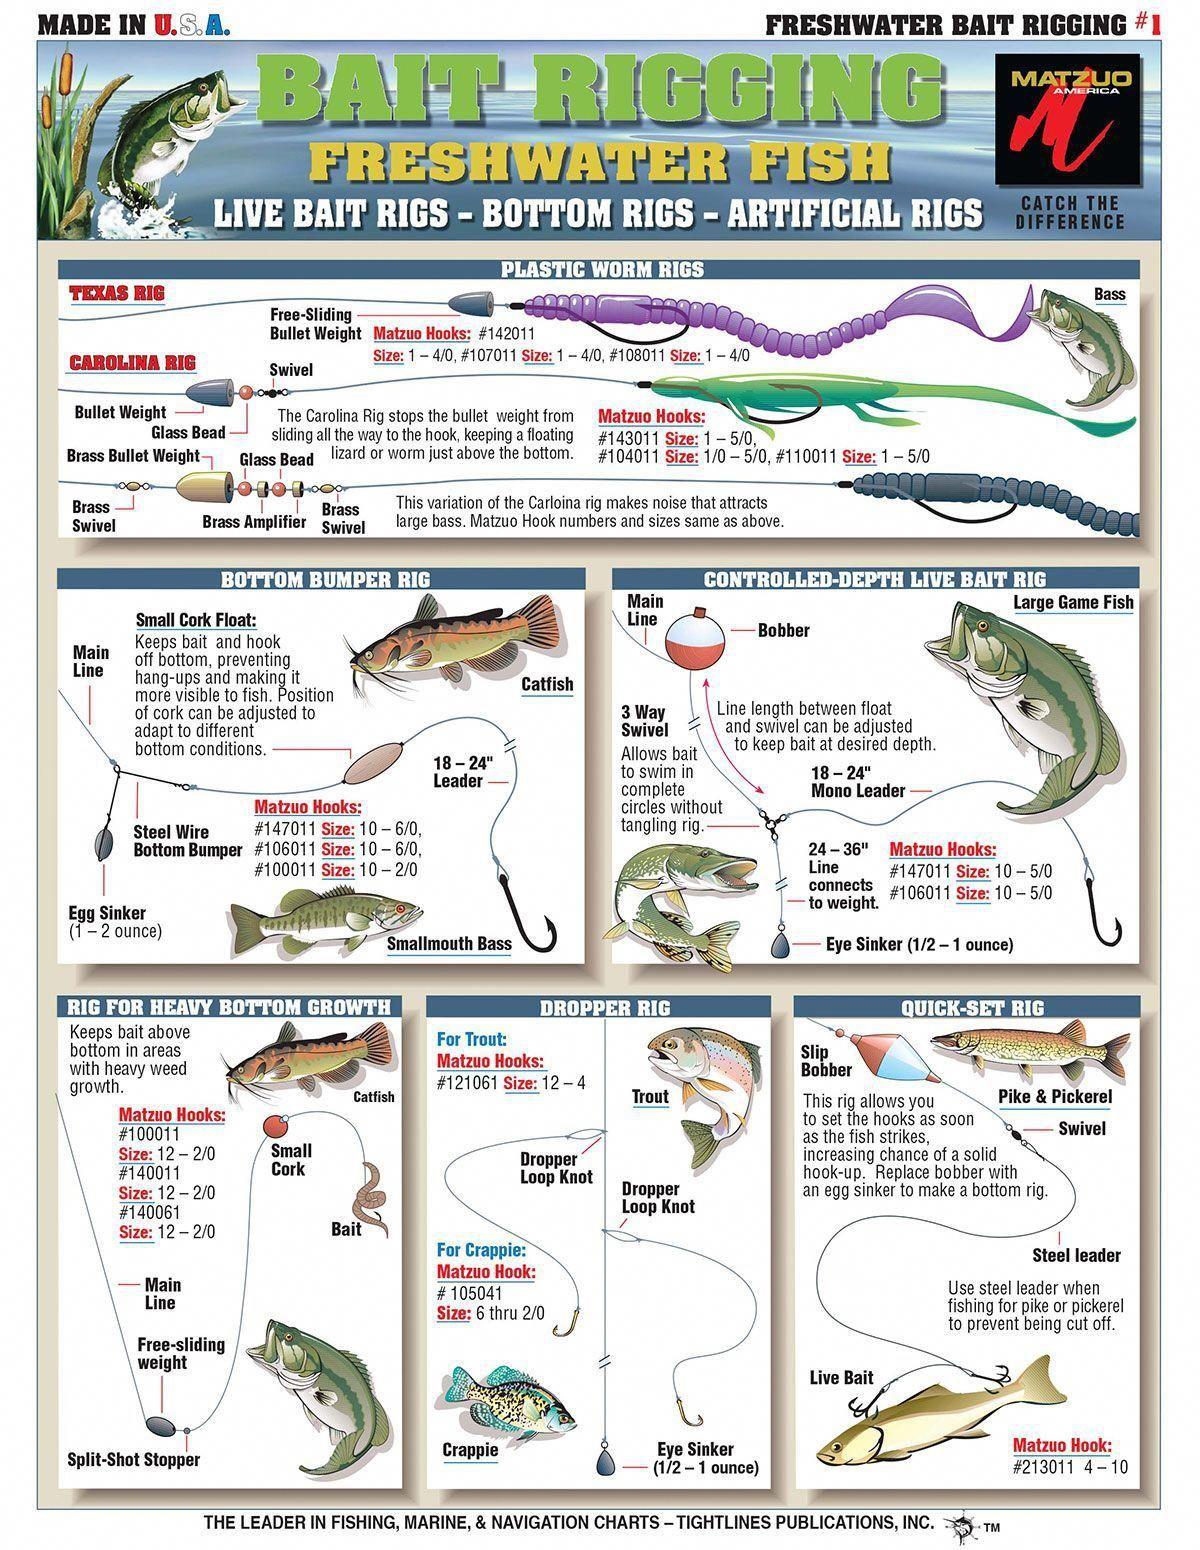 Fishing Flyfishing Bassfishing Fishinglures Fishingtackle Fishingknots Fishingequipment Icefishing Fishing Bait Trout Fishing Lures Trout Fishing Tips